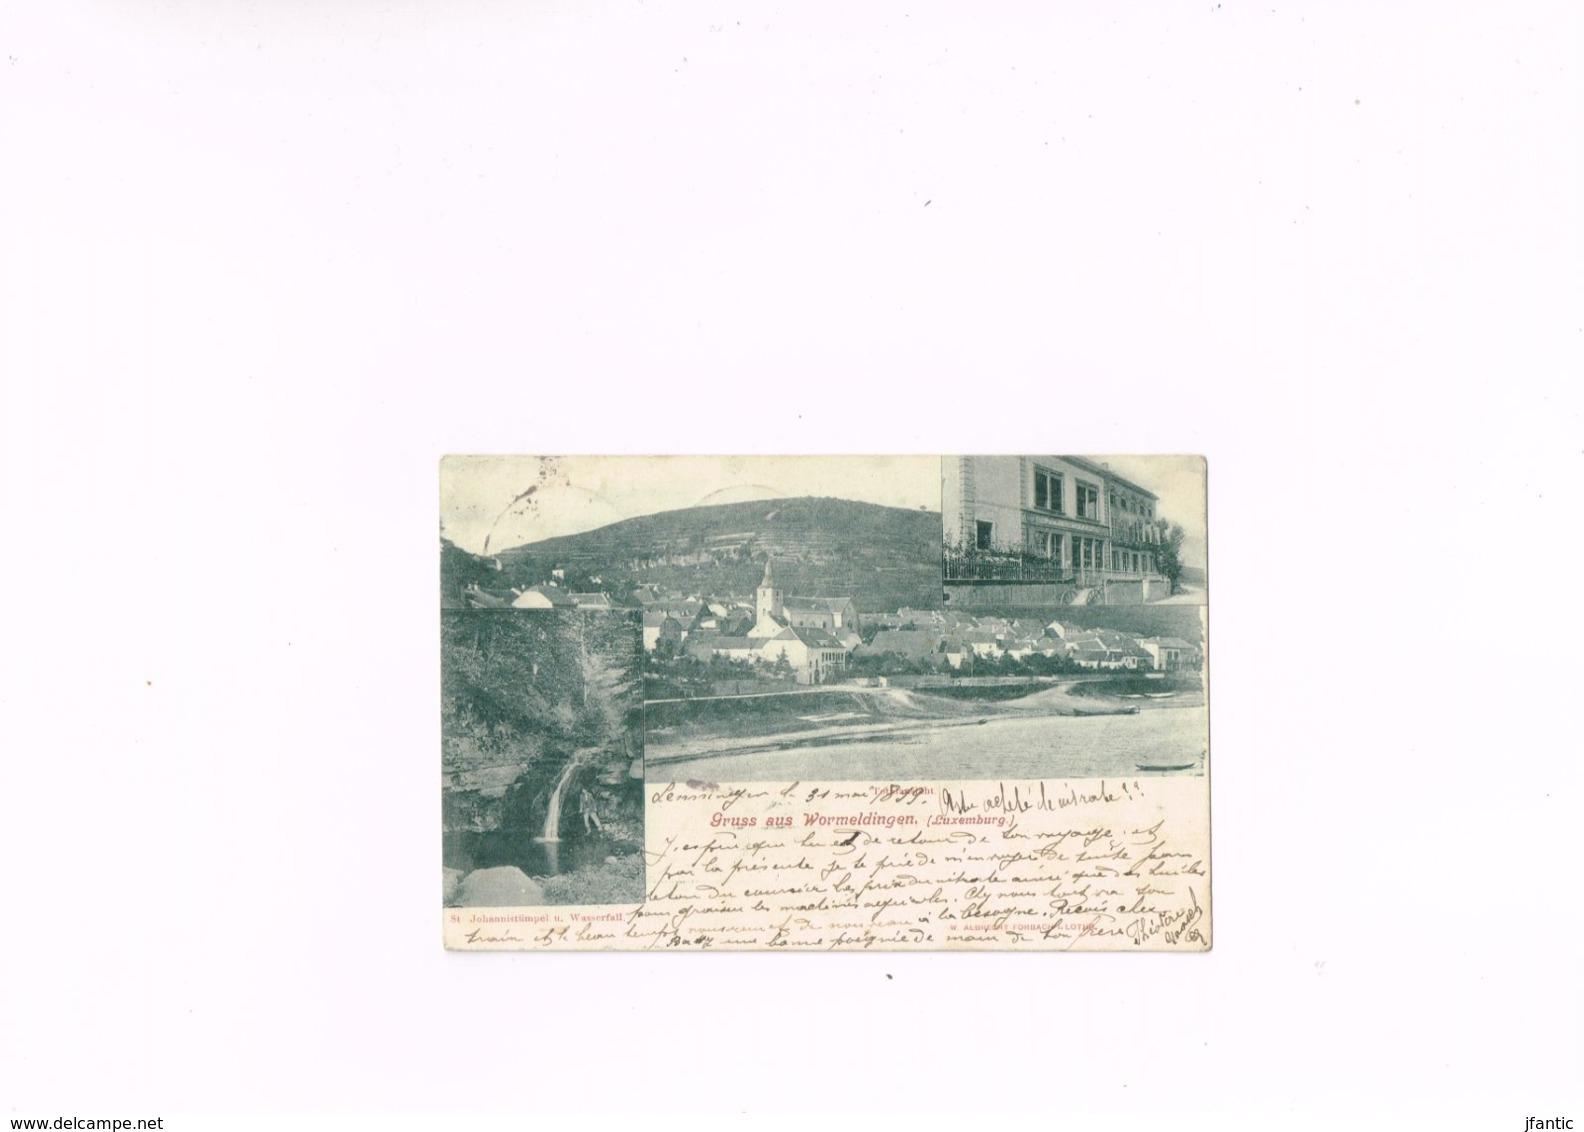 Gruss Aus Wormeldingen Luxemburg W Albrecht Forbach I.lothr, Carte Postale Ancienne 1899. - Other